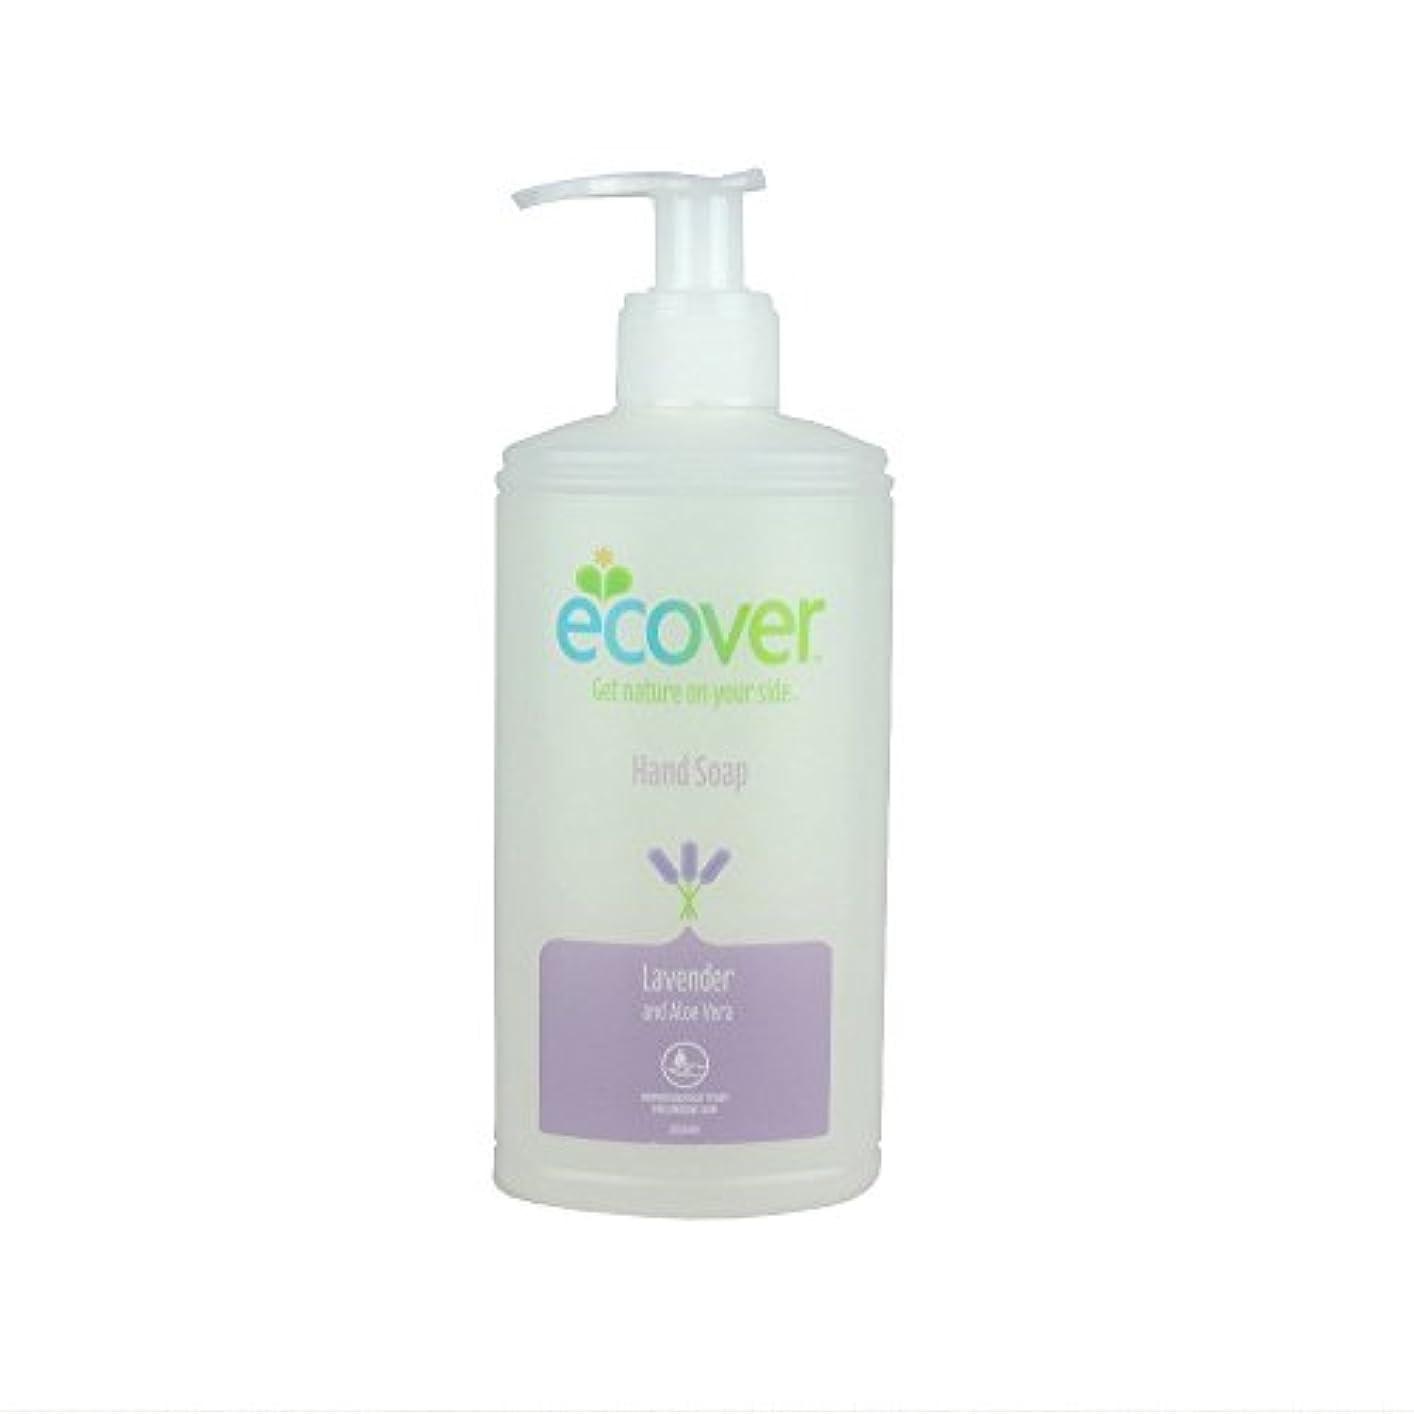 ゴージャス鮫ジャズEcover Liquid Hand Soap Lavender & Aloe Vera (250ml) 液体ハンドソープラベンダーとアロエベラ( 250ミリリットル)をエコベール